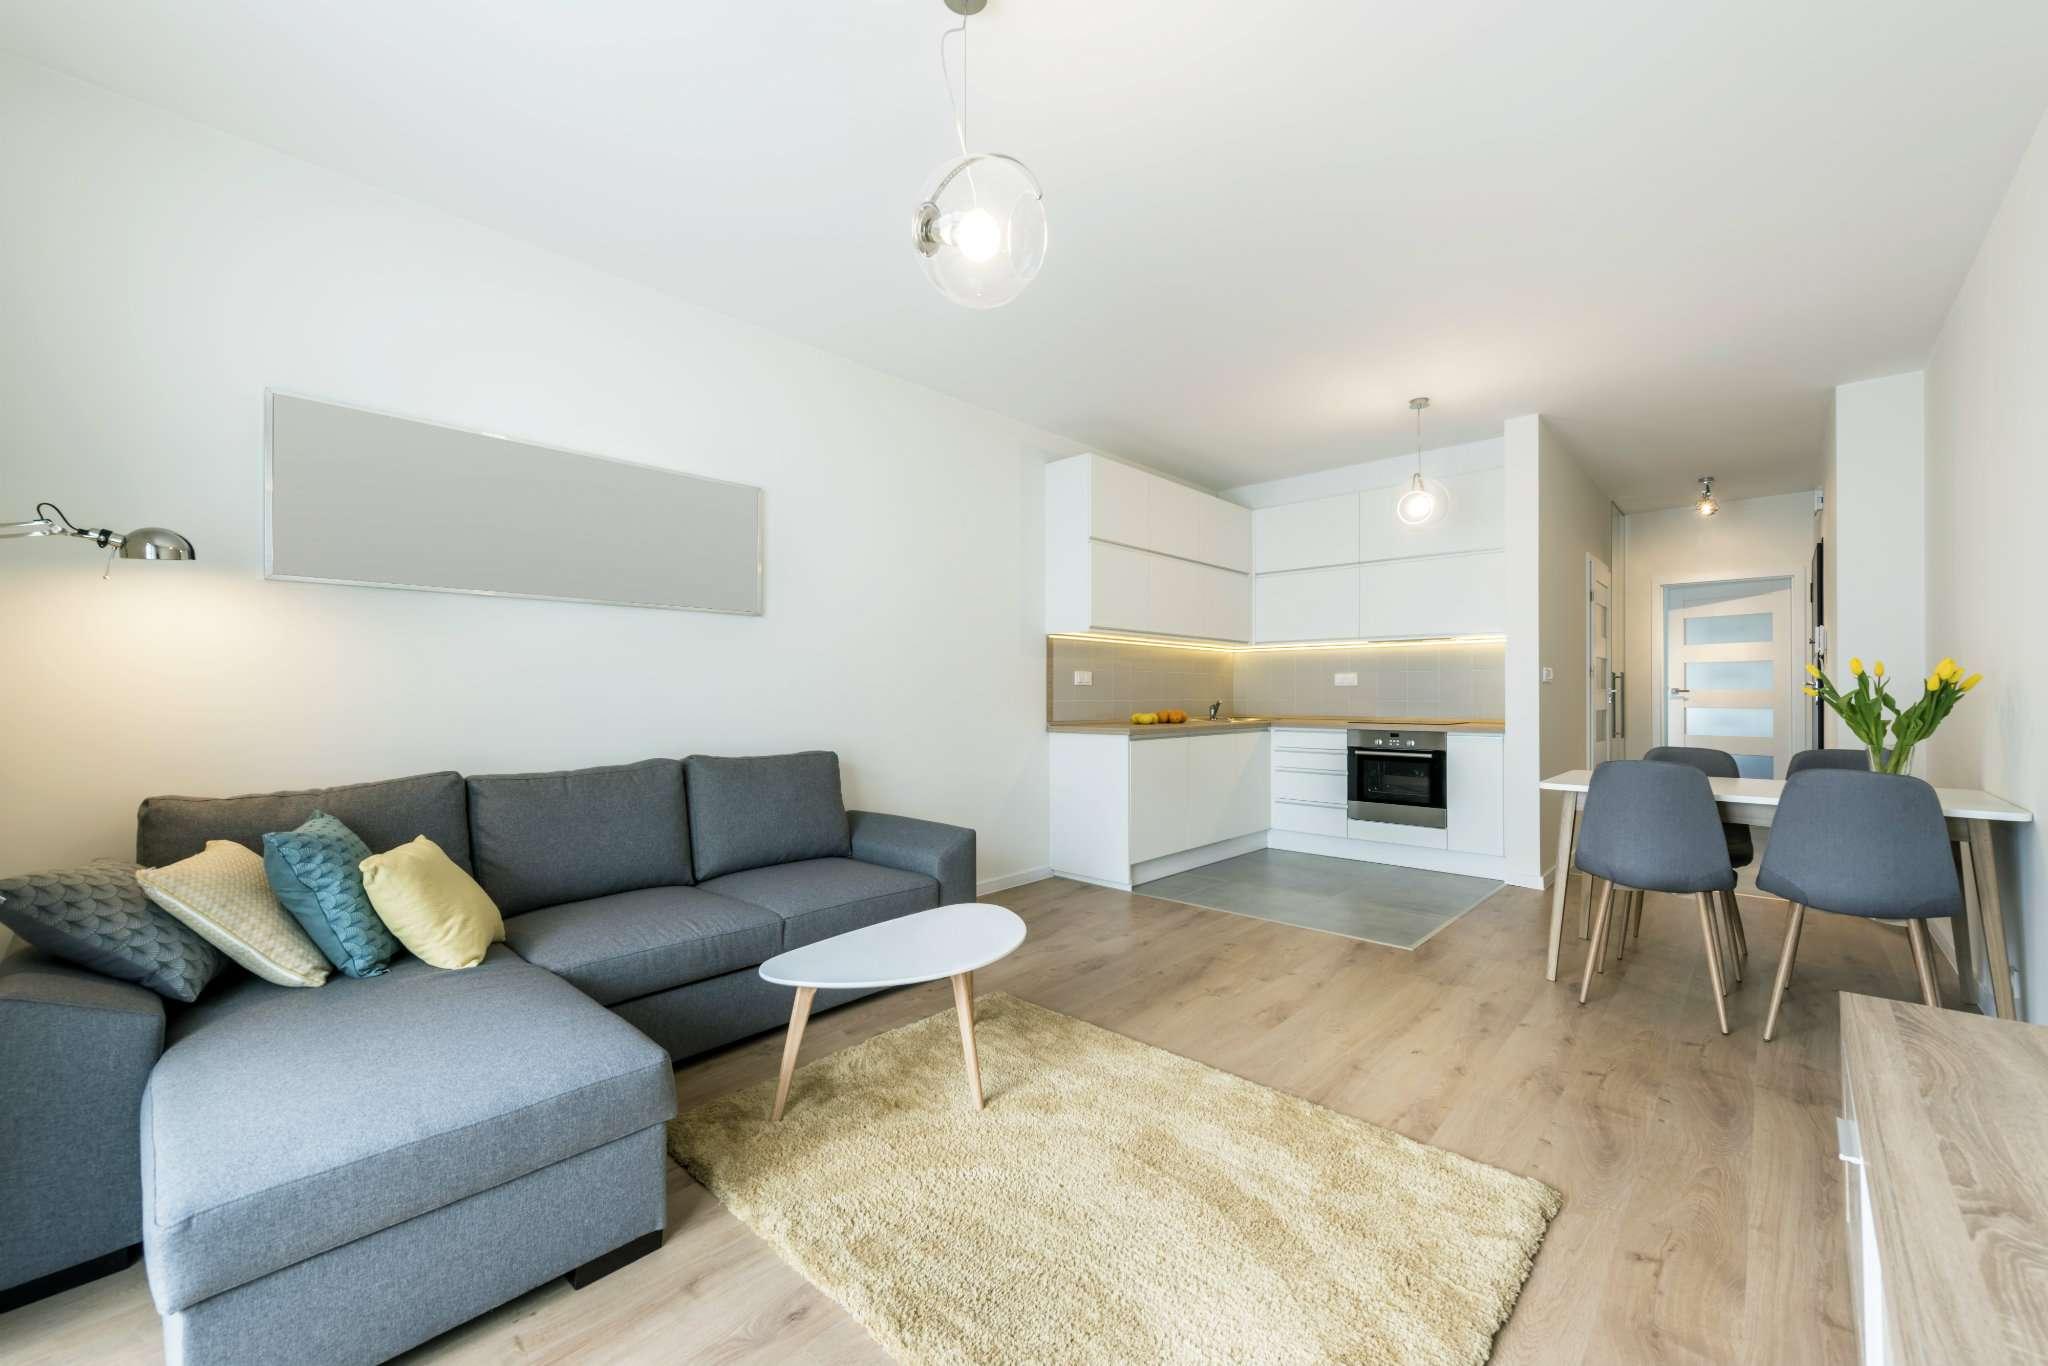 Appartamento in vendita a Carpi, 3 locali, prezzo € 175.000 | CambioCasa.it